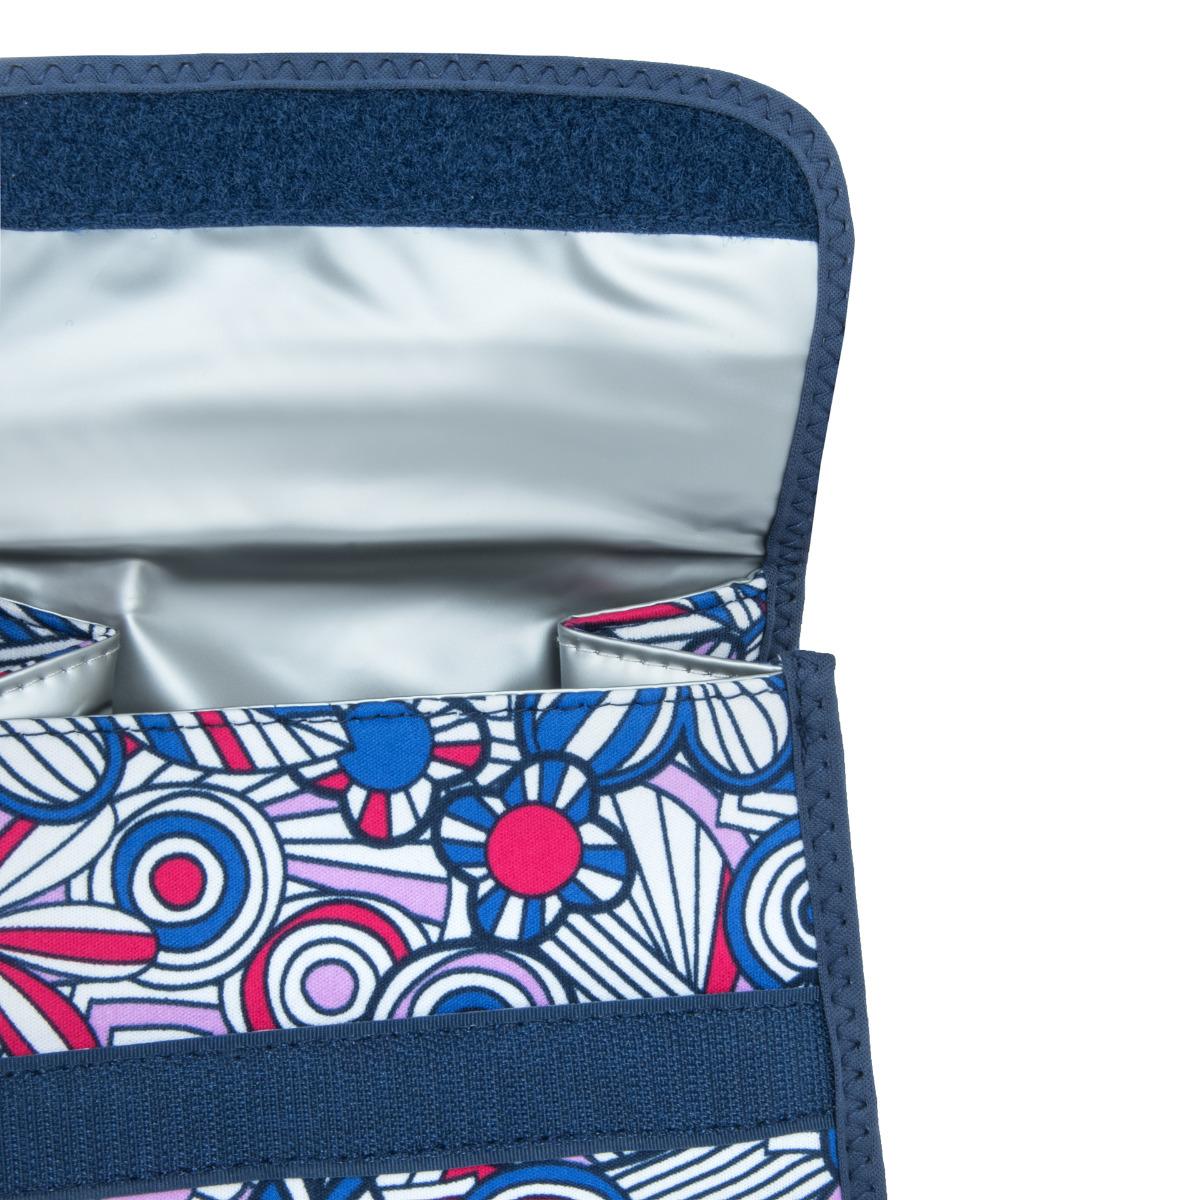 Built Girl's Lunch Sack Mosaic Flower Blue Moderná taška na jedlo pre dievčatá nadchne každú parádnicu.